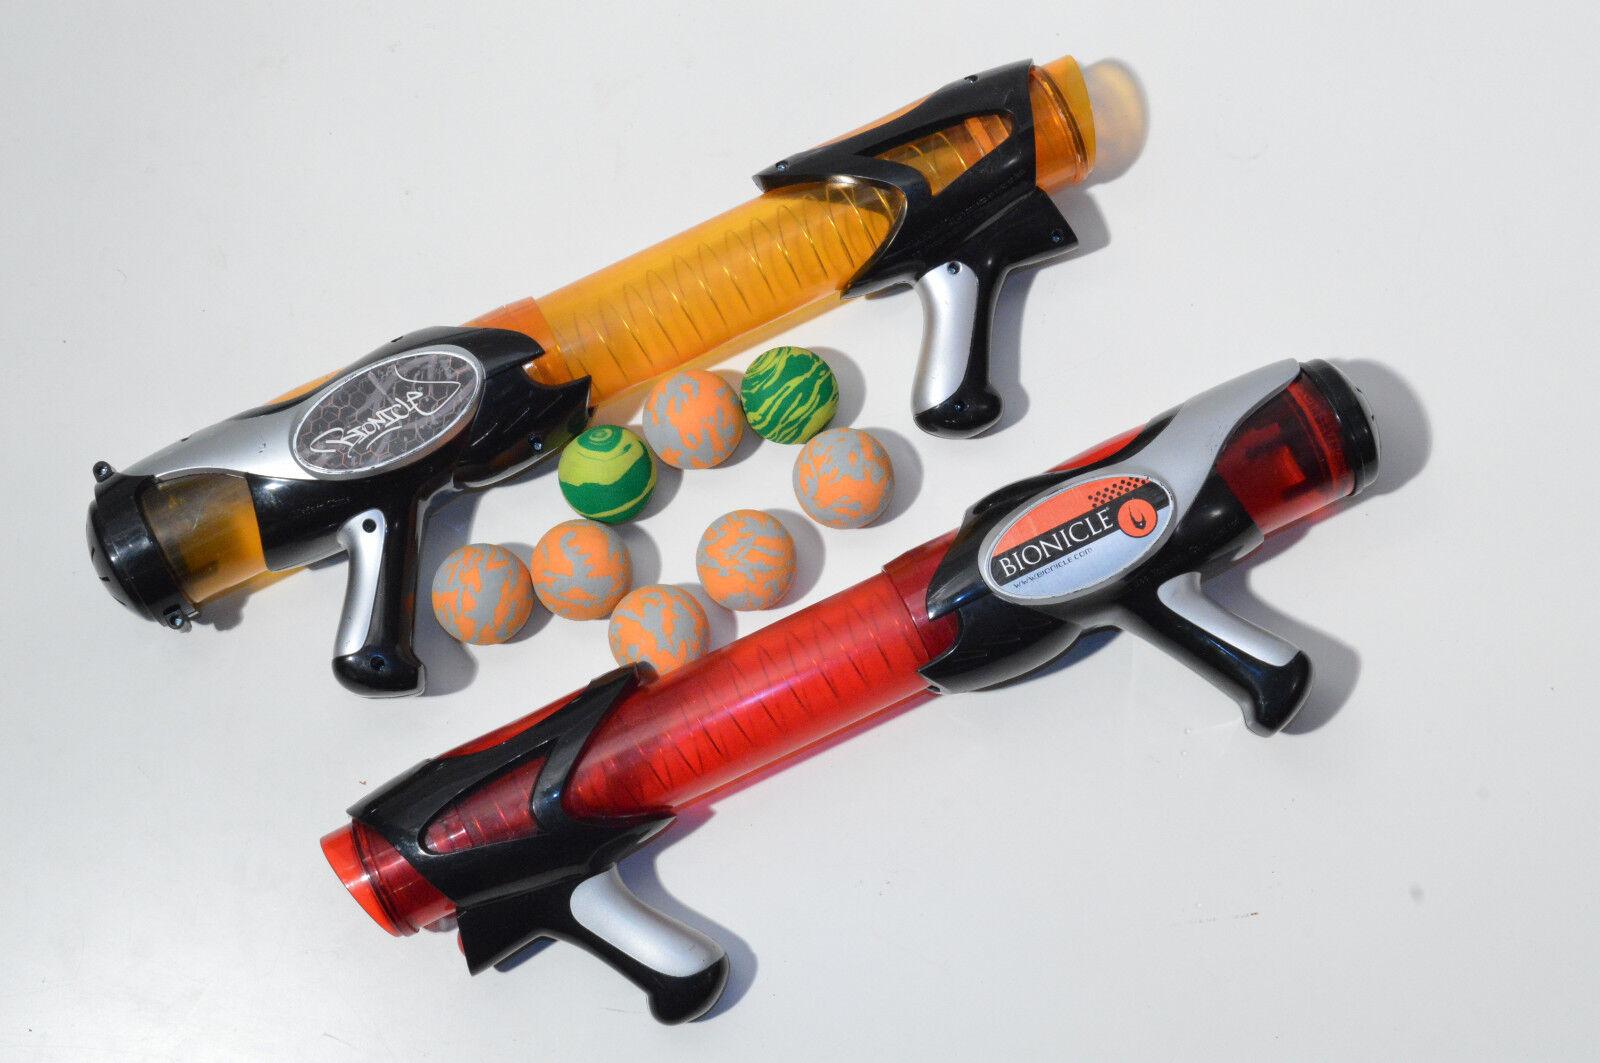 barato y de alta calidad 2 x Bola de Lego Lego Lego Bionicle Piraka tirador de armas (2007) con 8 bolas  Entrega directa y rápida de fábrica